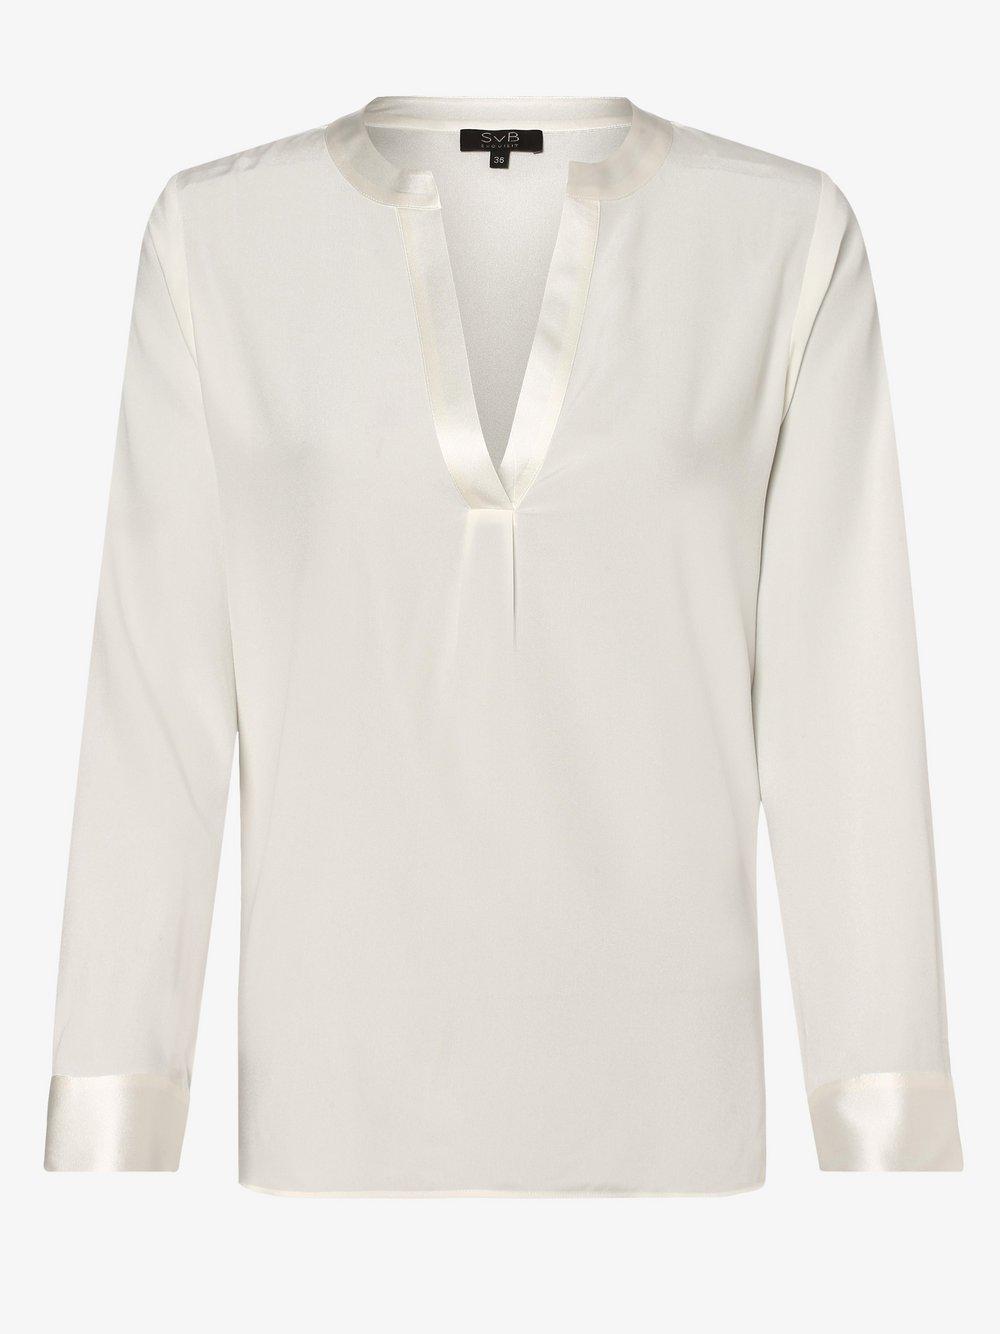 SvB Exquisit - Bluzka damska z mieszanki jedwabiu, beżowy